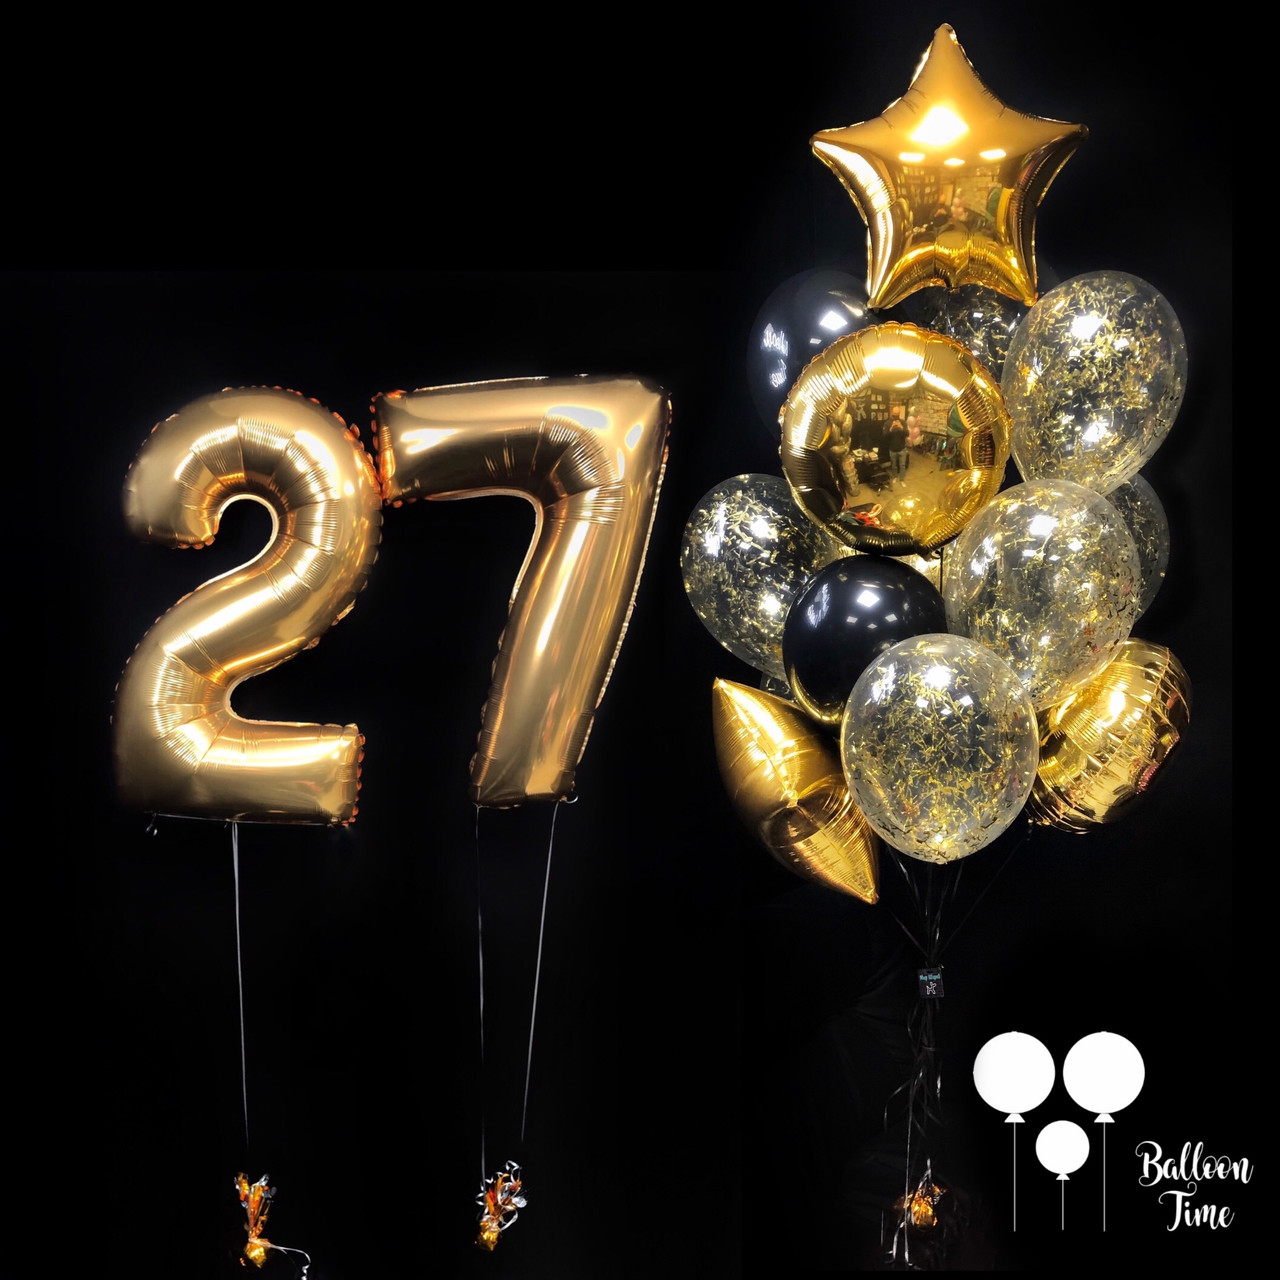 Цифры 27 + связка гелиевых шаров в чёрно-золотом цвете